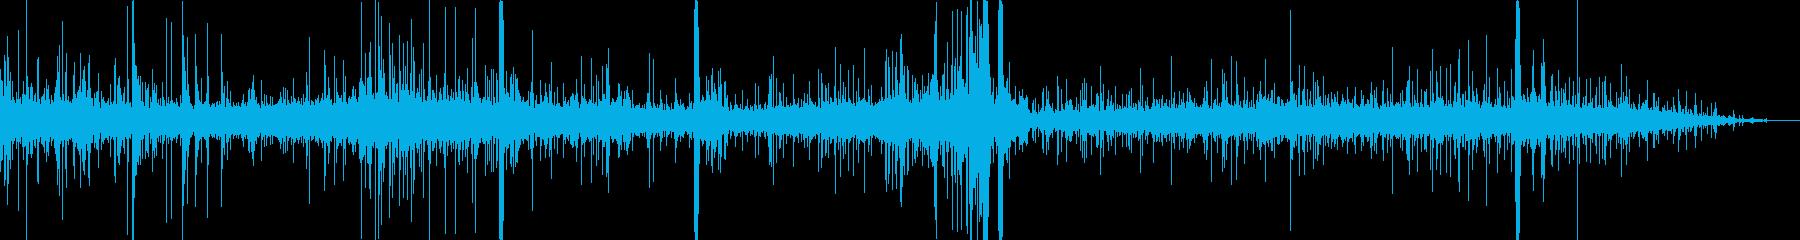 雨風が雨戸を打つ音の再生済みの波形